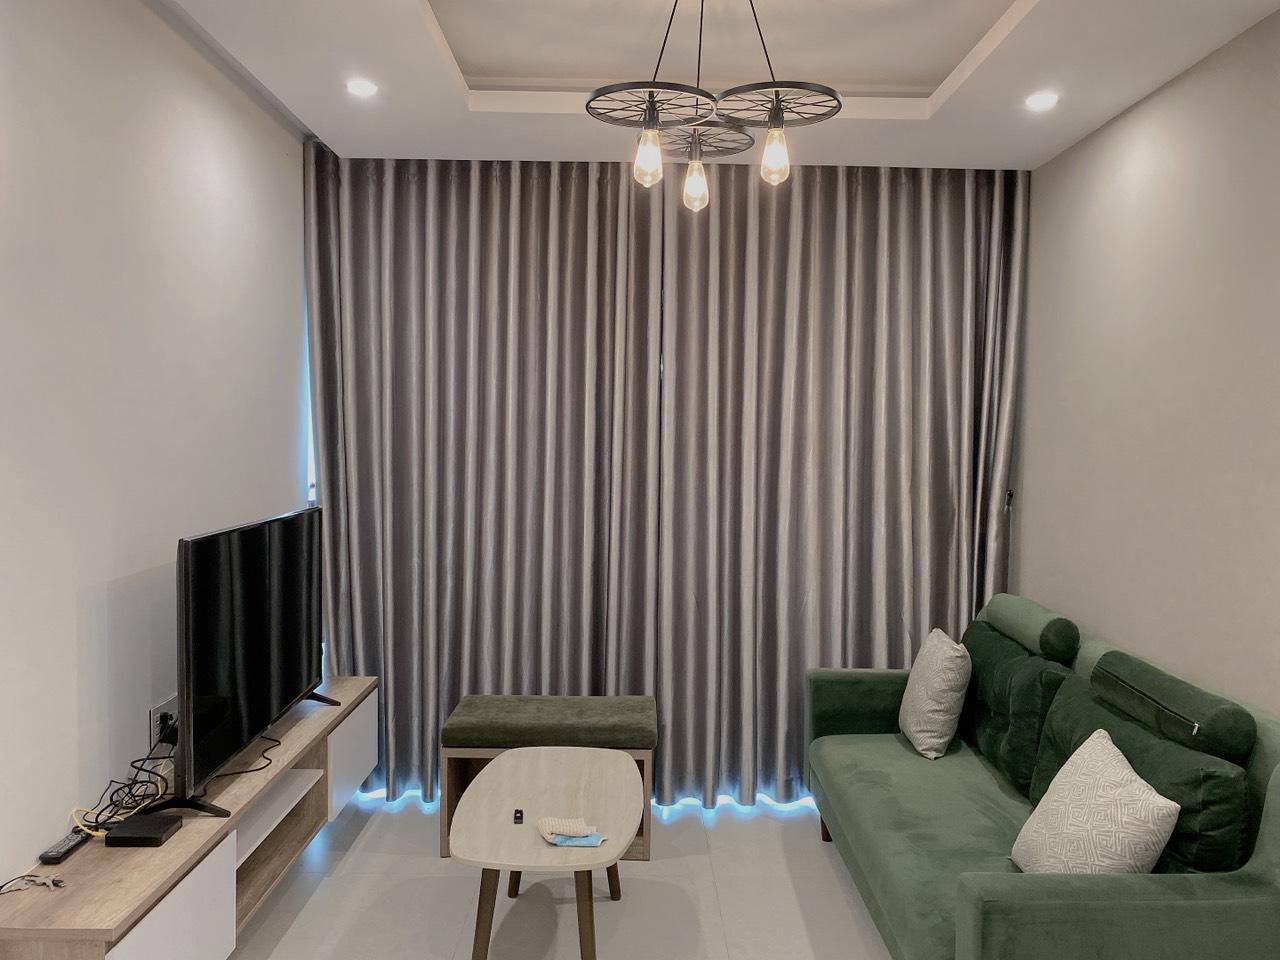 Cho thuê 3 phòng ngủ New City Thủ Thiêm - ID 010140